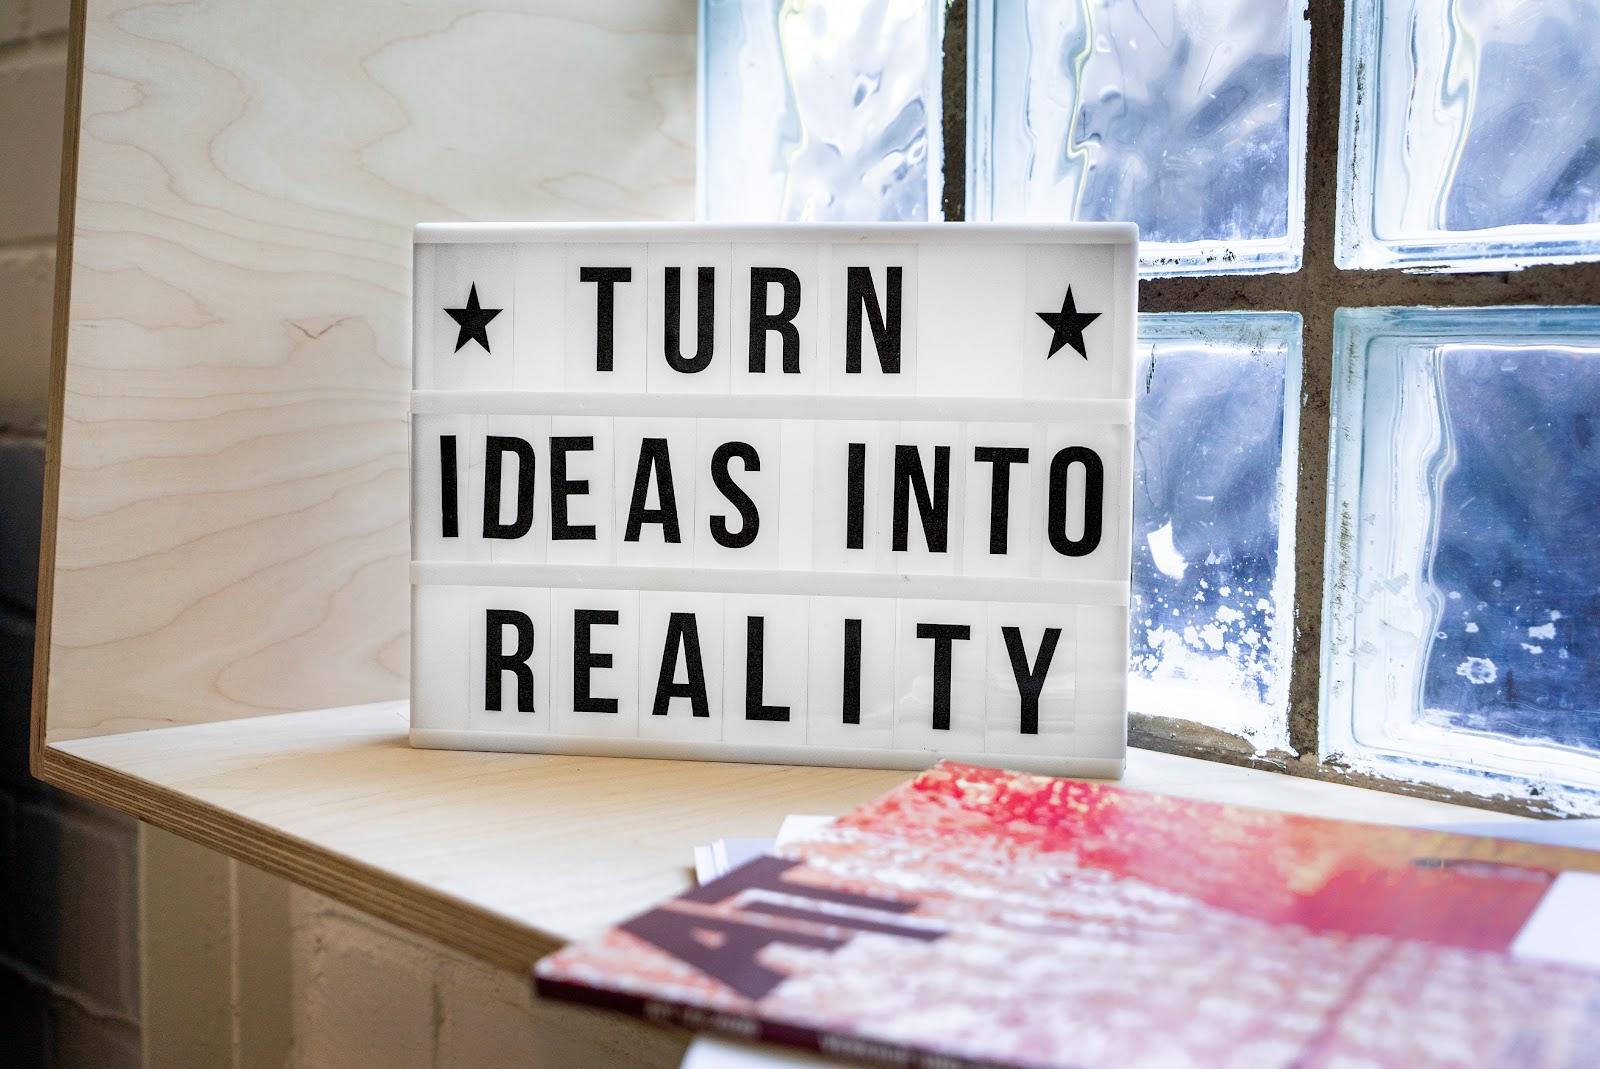 Trasforma un'idea innovativa in business